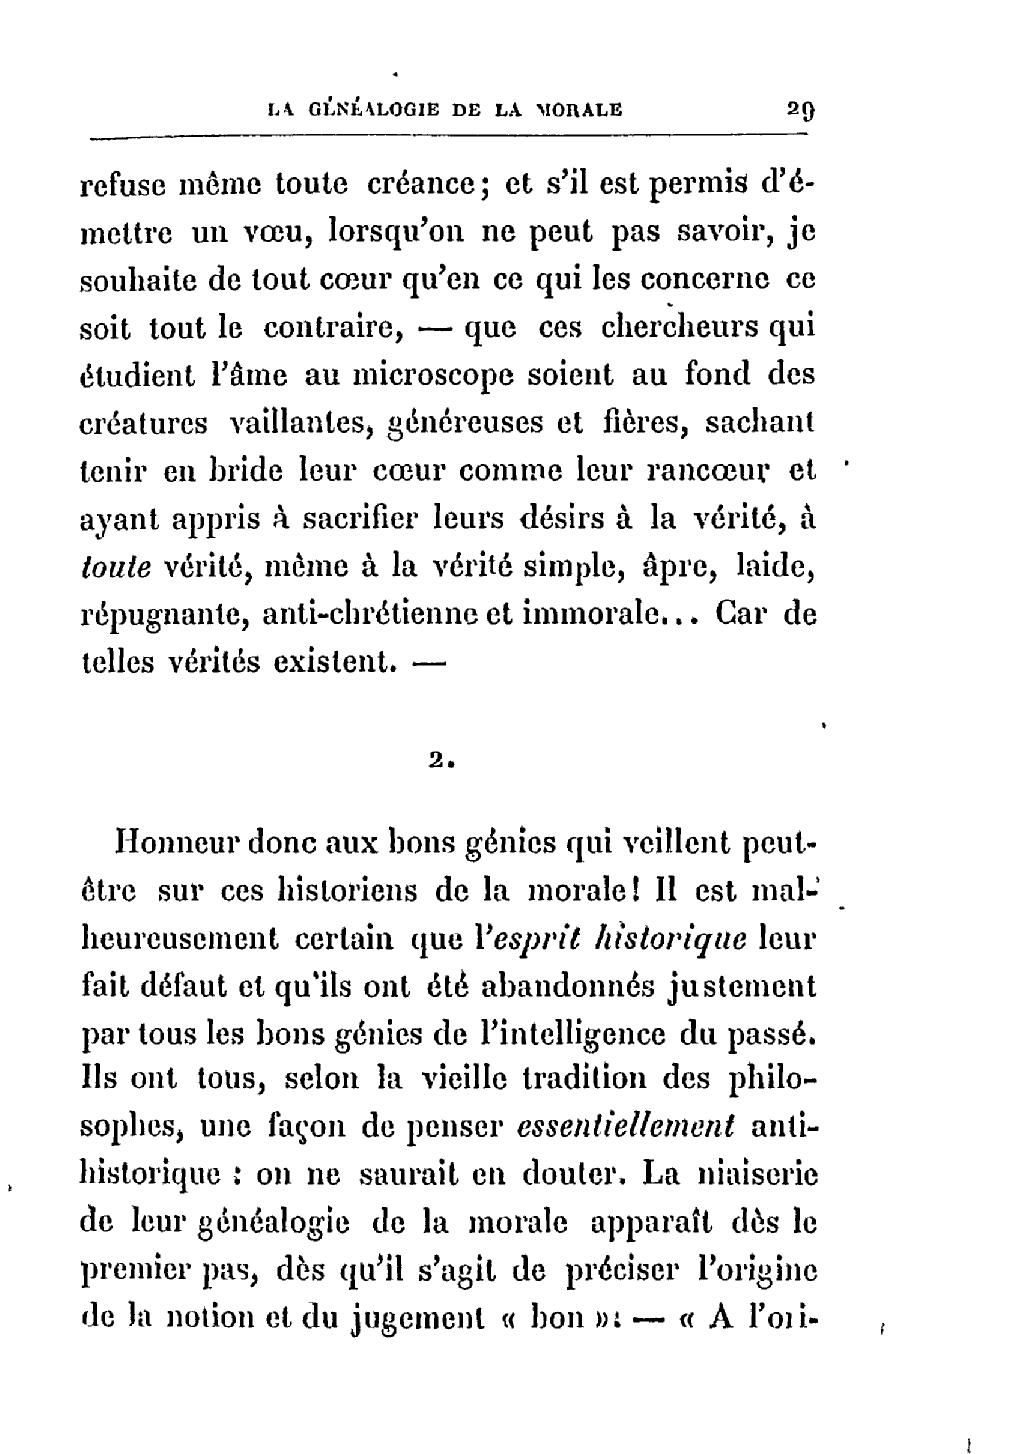 Nietzsche Généalogie De La Morale : nietzsche, généalogie, morale, File:Nietzsche, Généalogie, Morale,, 029.png, Wikimedia, Commons